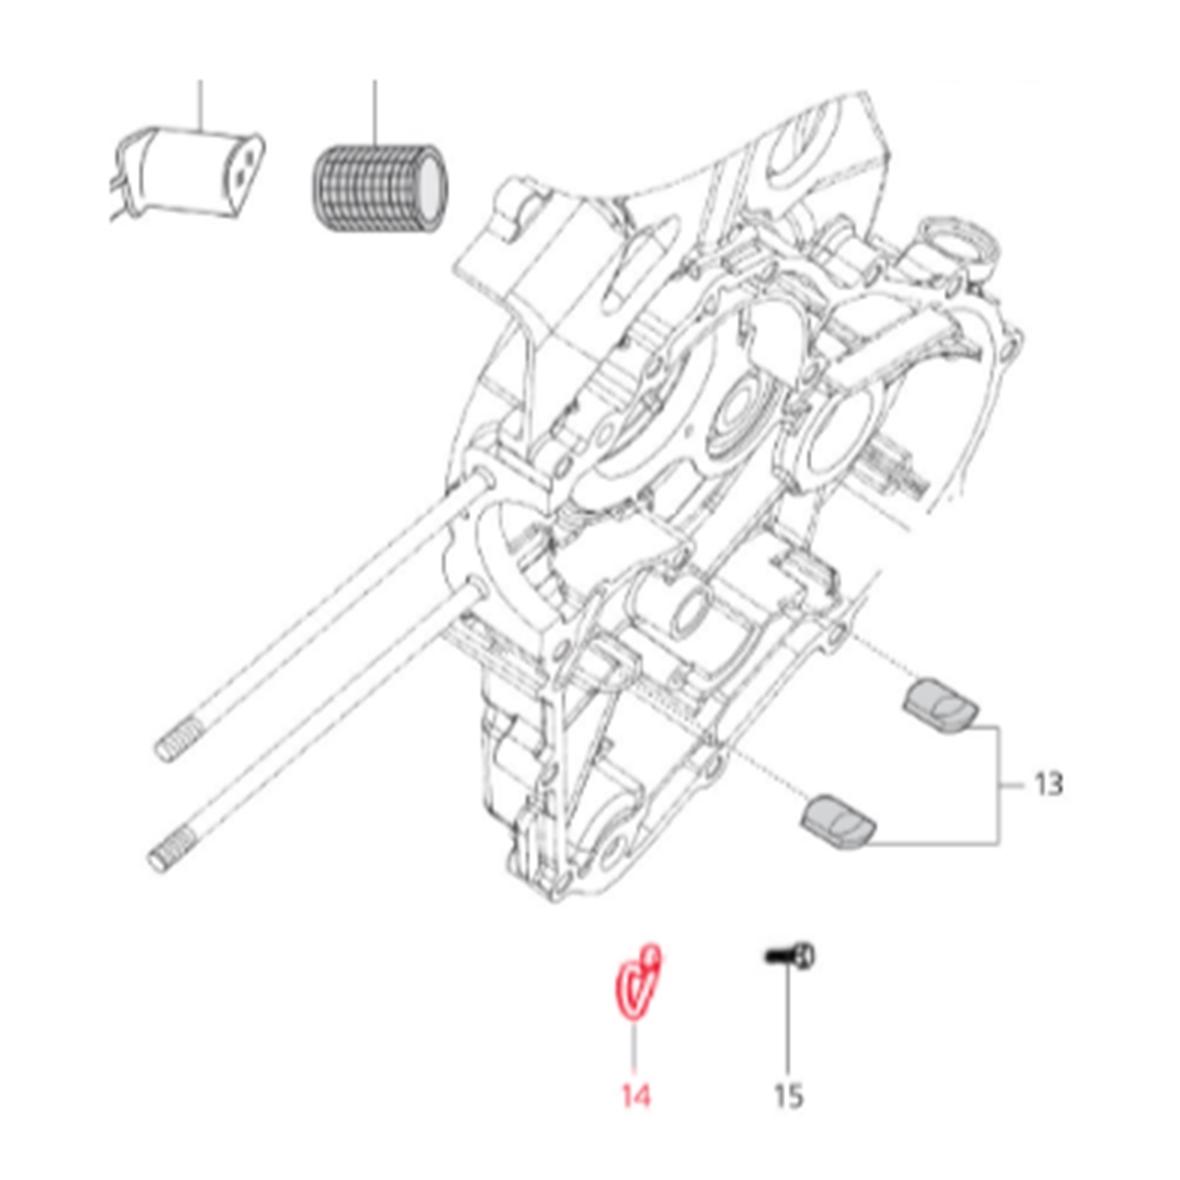 Obrázek výrobku pro 'Přídržný plech LML lanko rychl. stupněTitle'